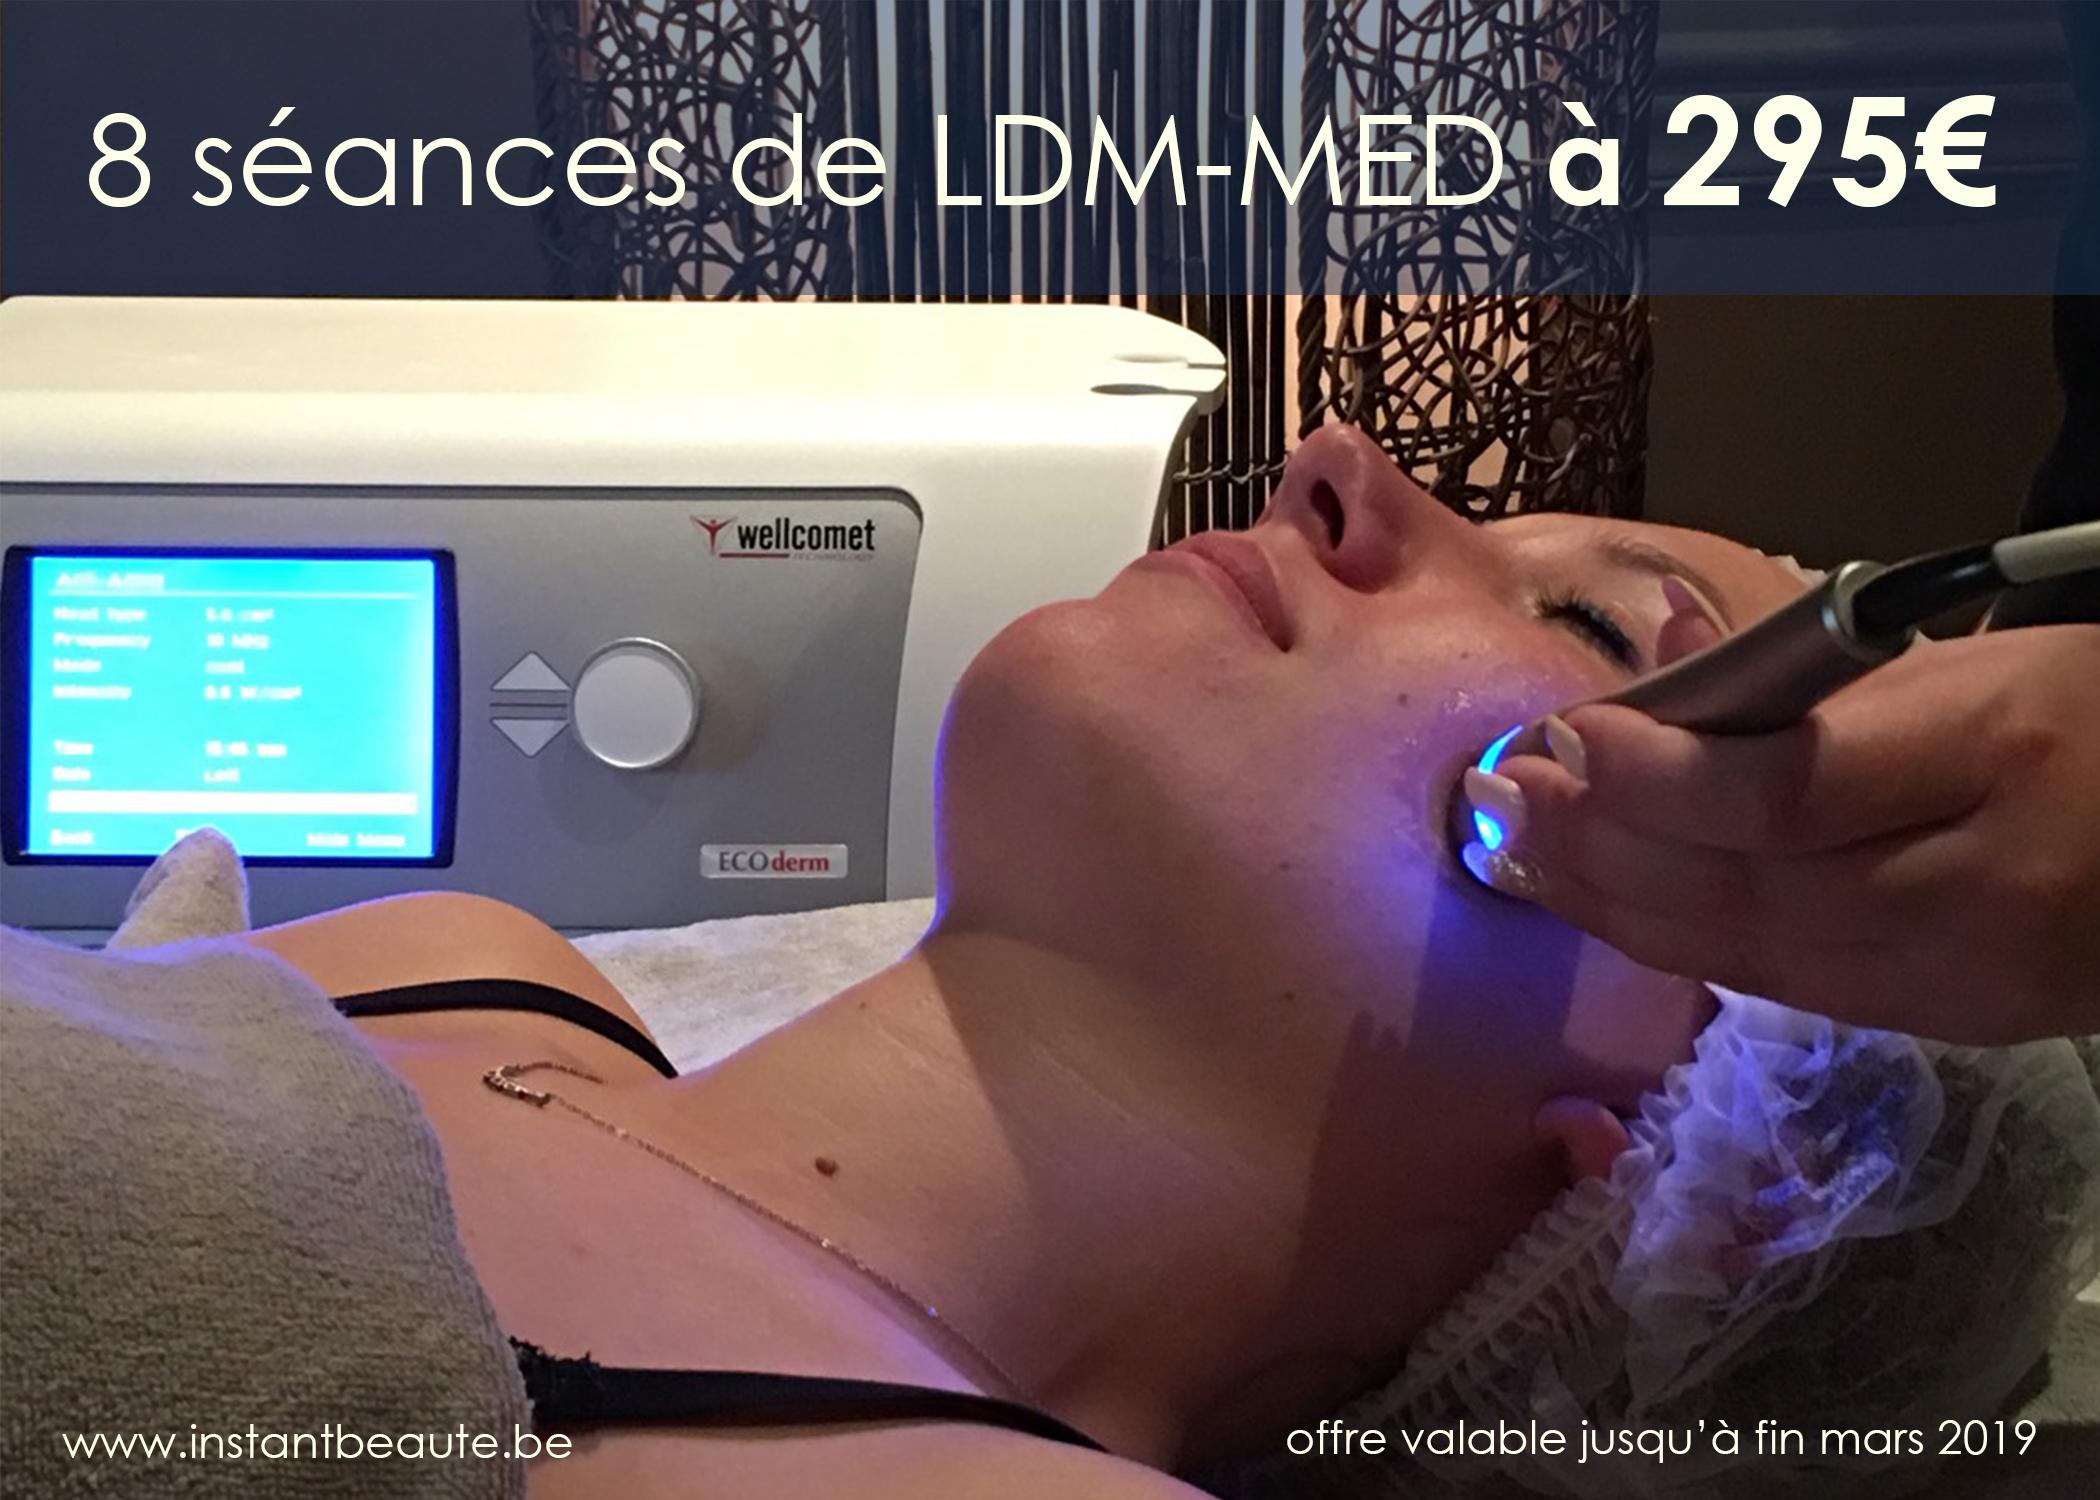 promo2019-03 LDM-MED.jpg